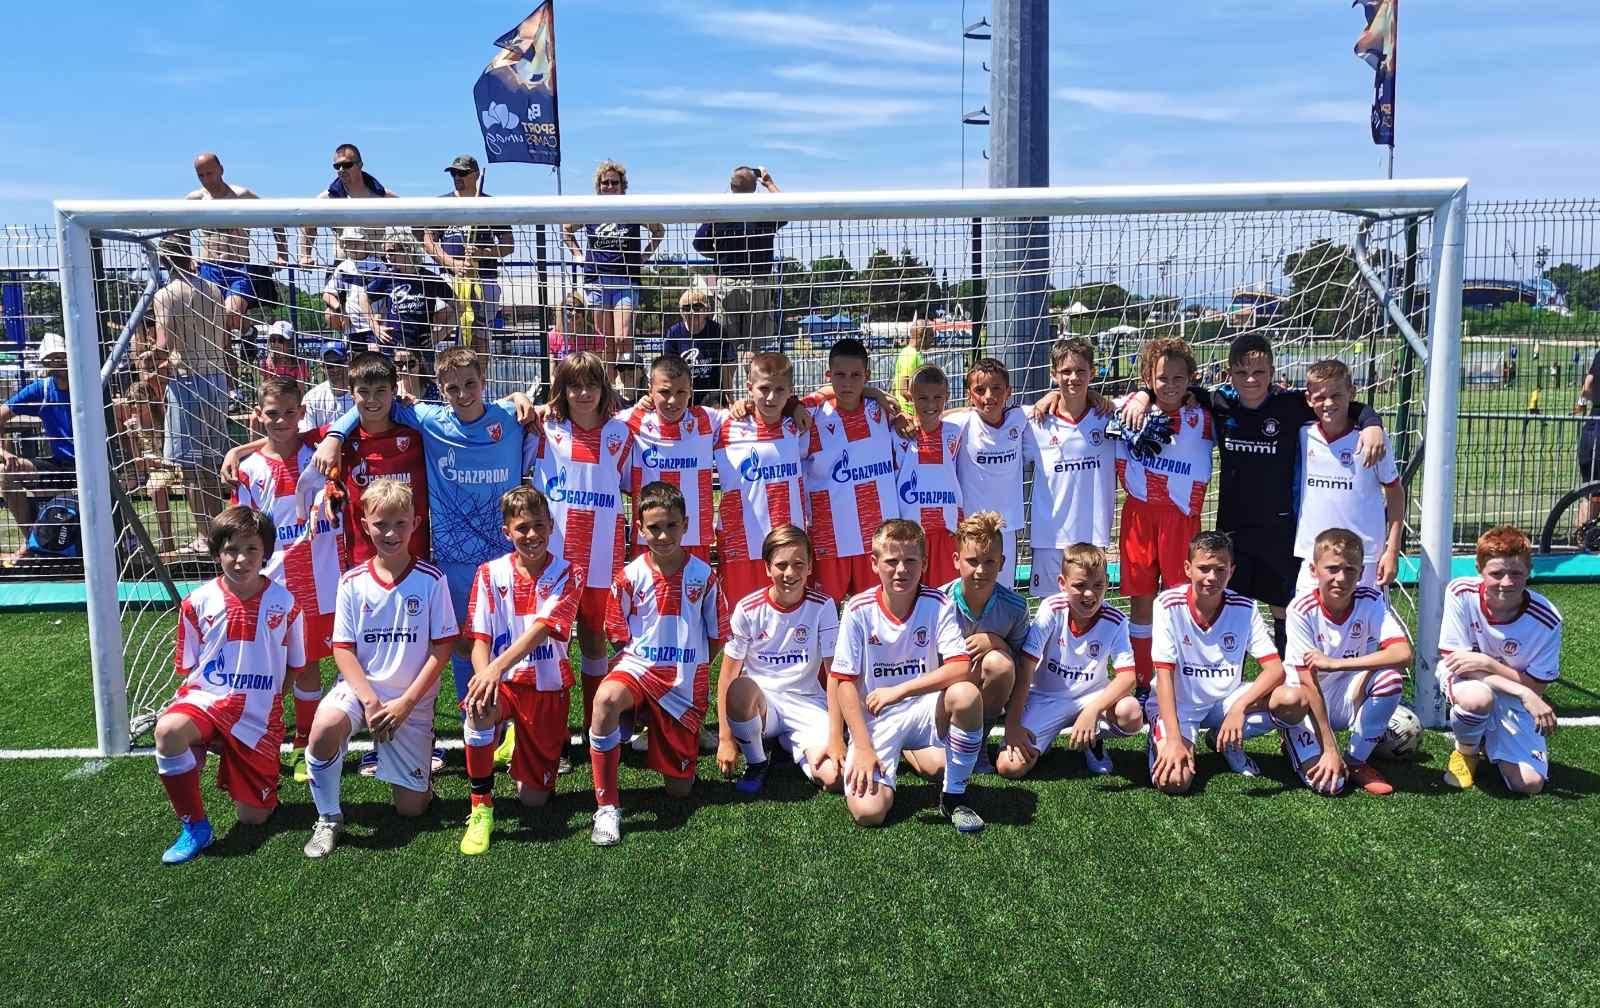 Mladi nogometaši Kety Emmi U-11 navdušili na turnirjih v Grosupljem in Umagu